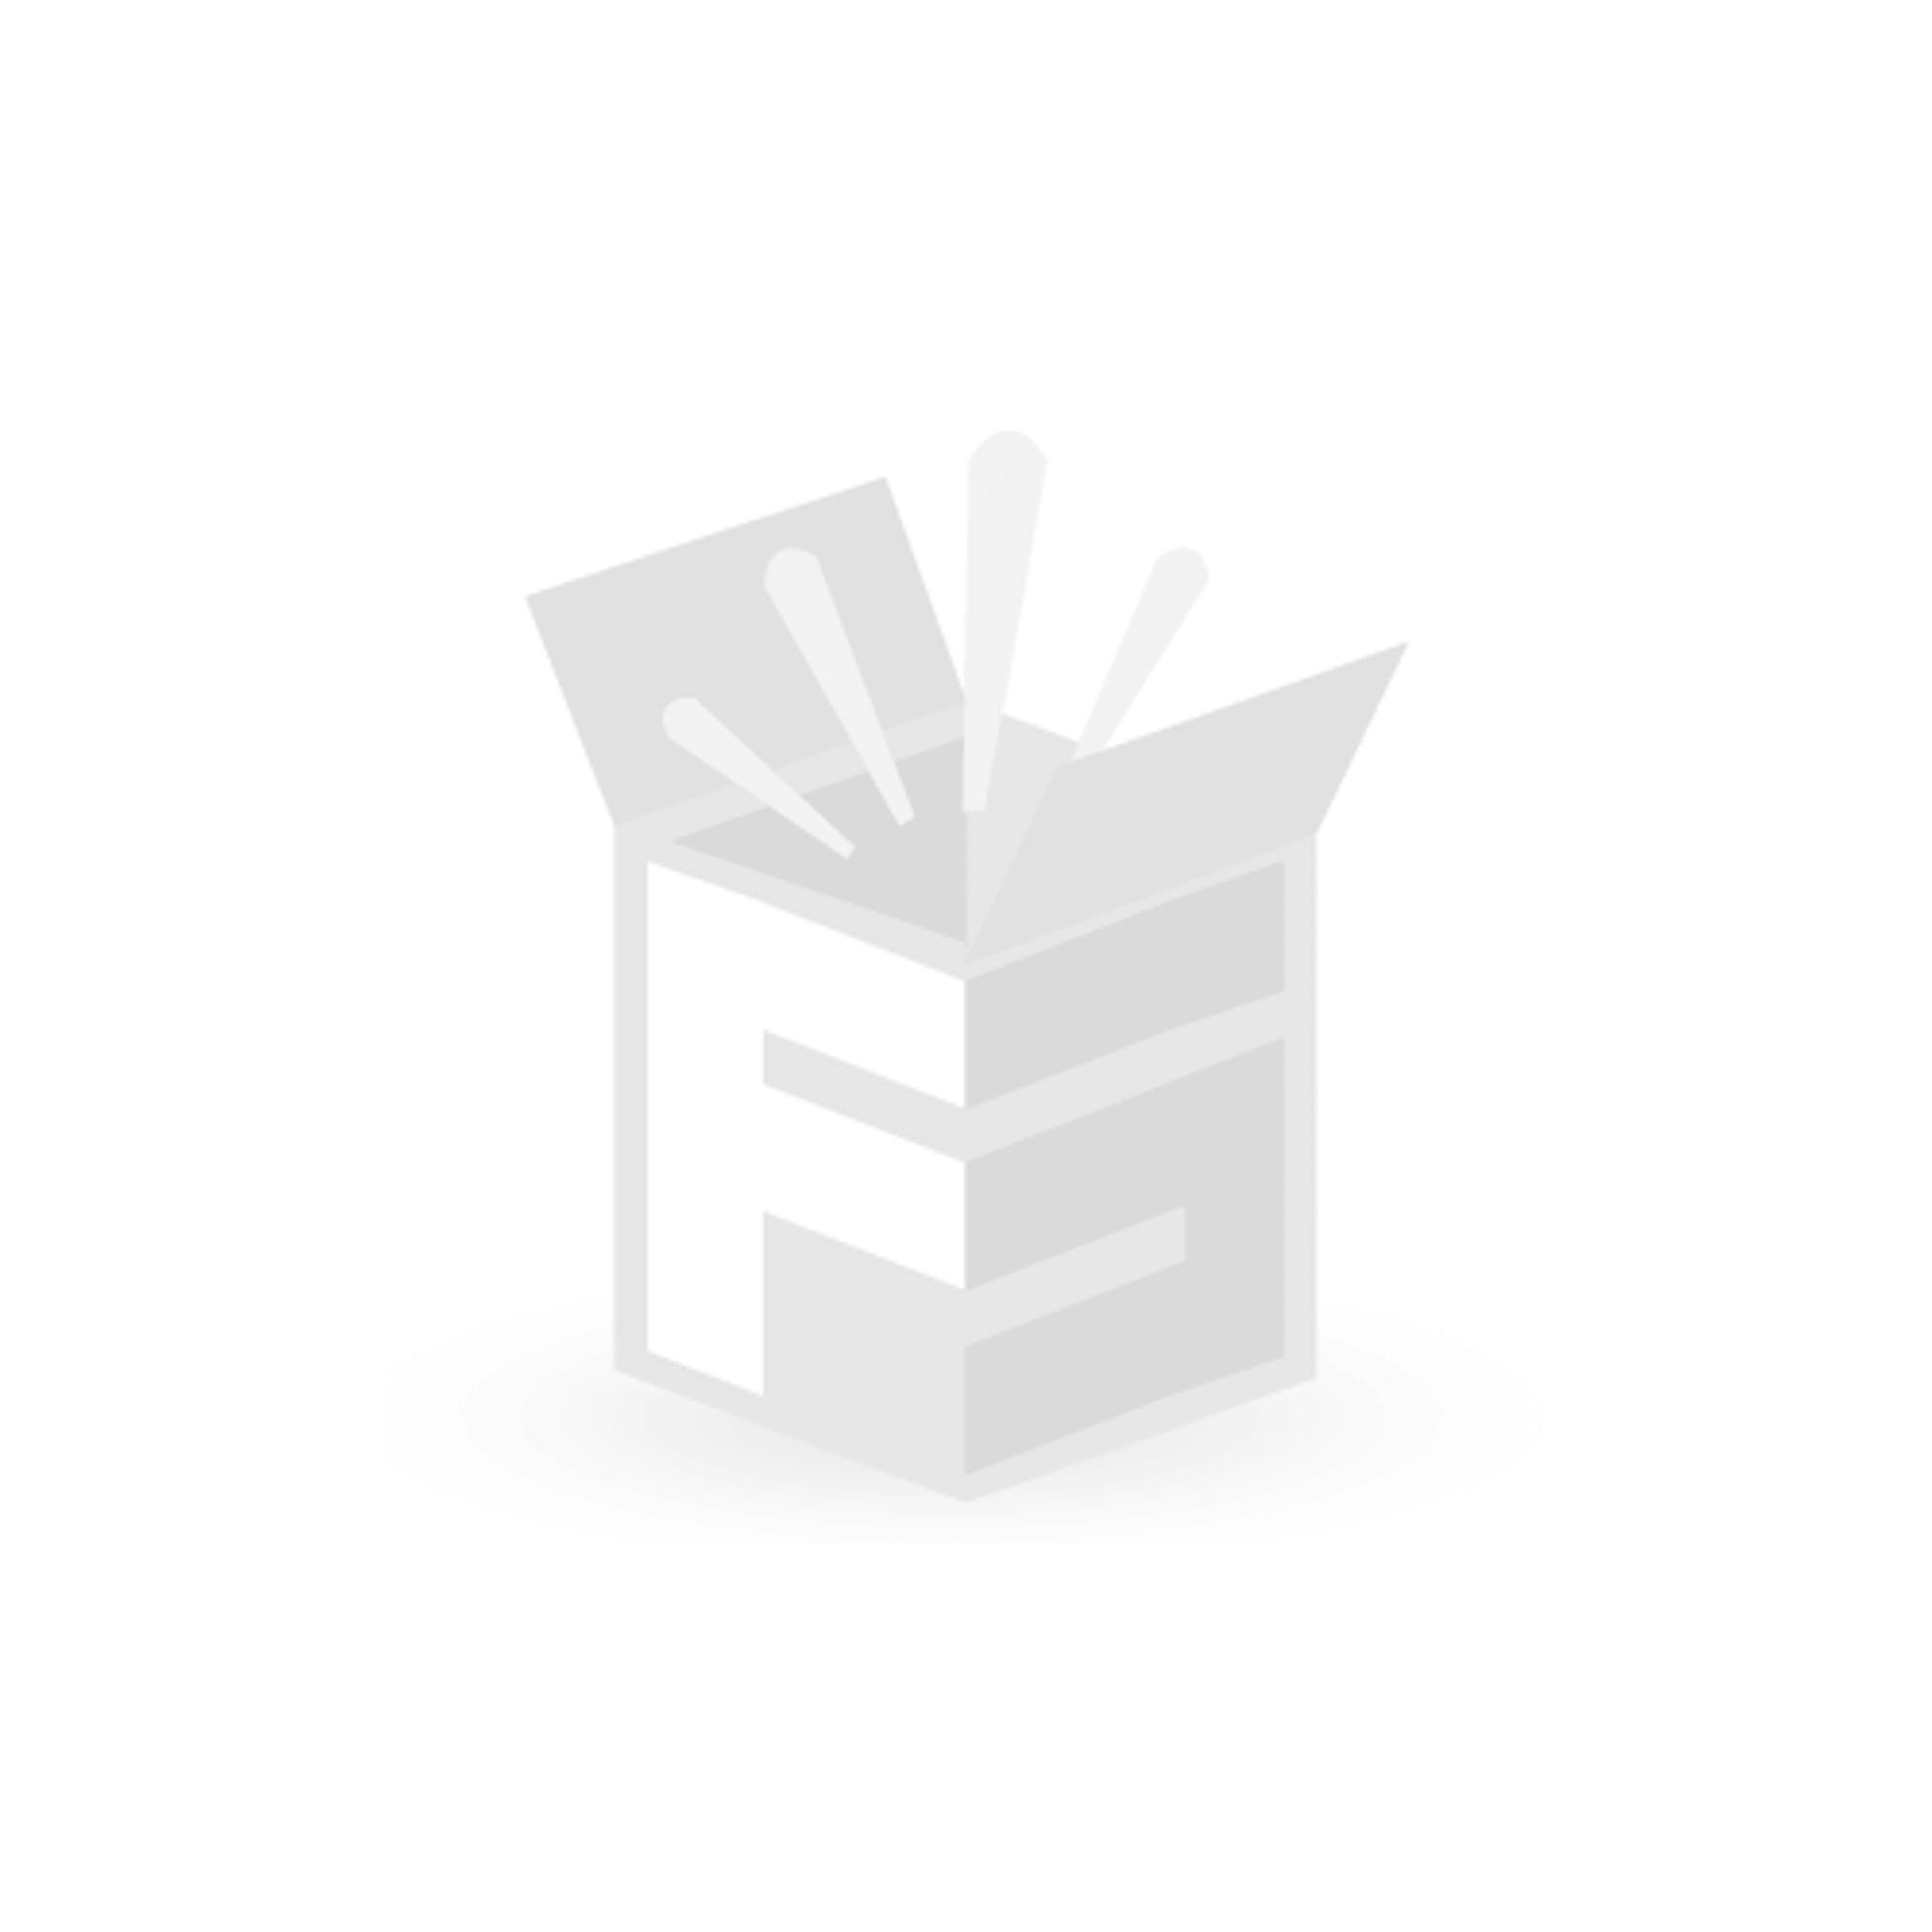 Tempo Taschentücher 4-lagig, 56 Pack